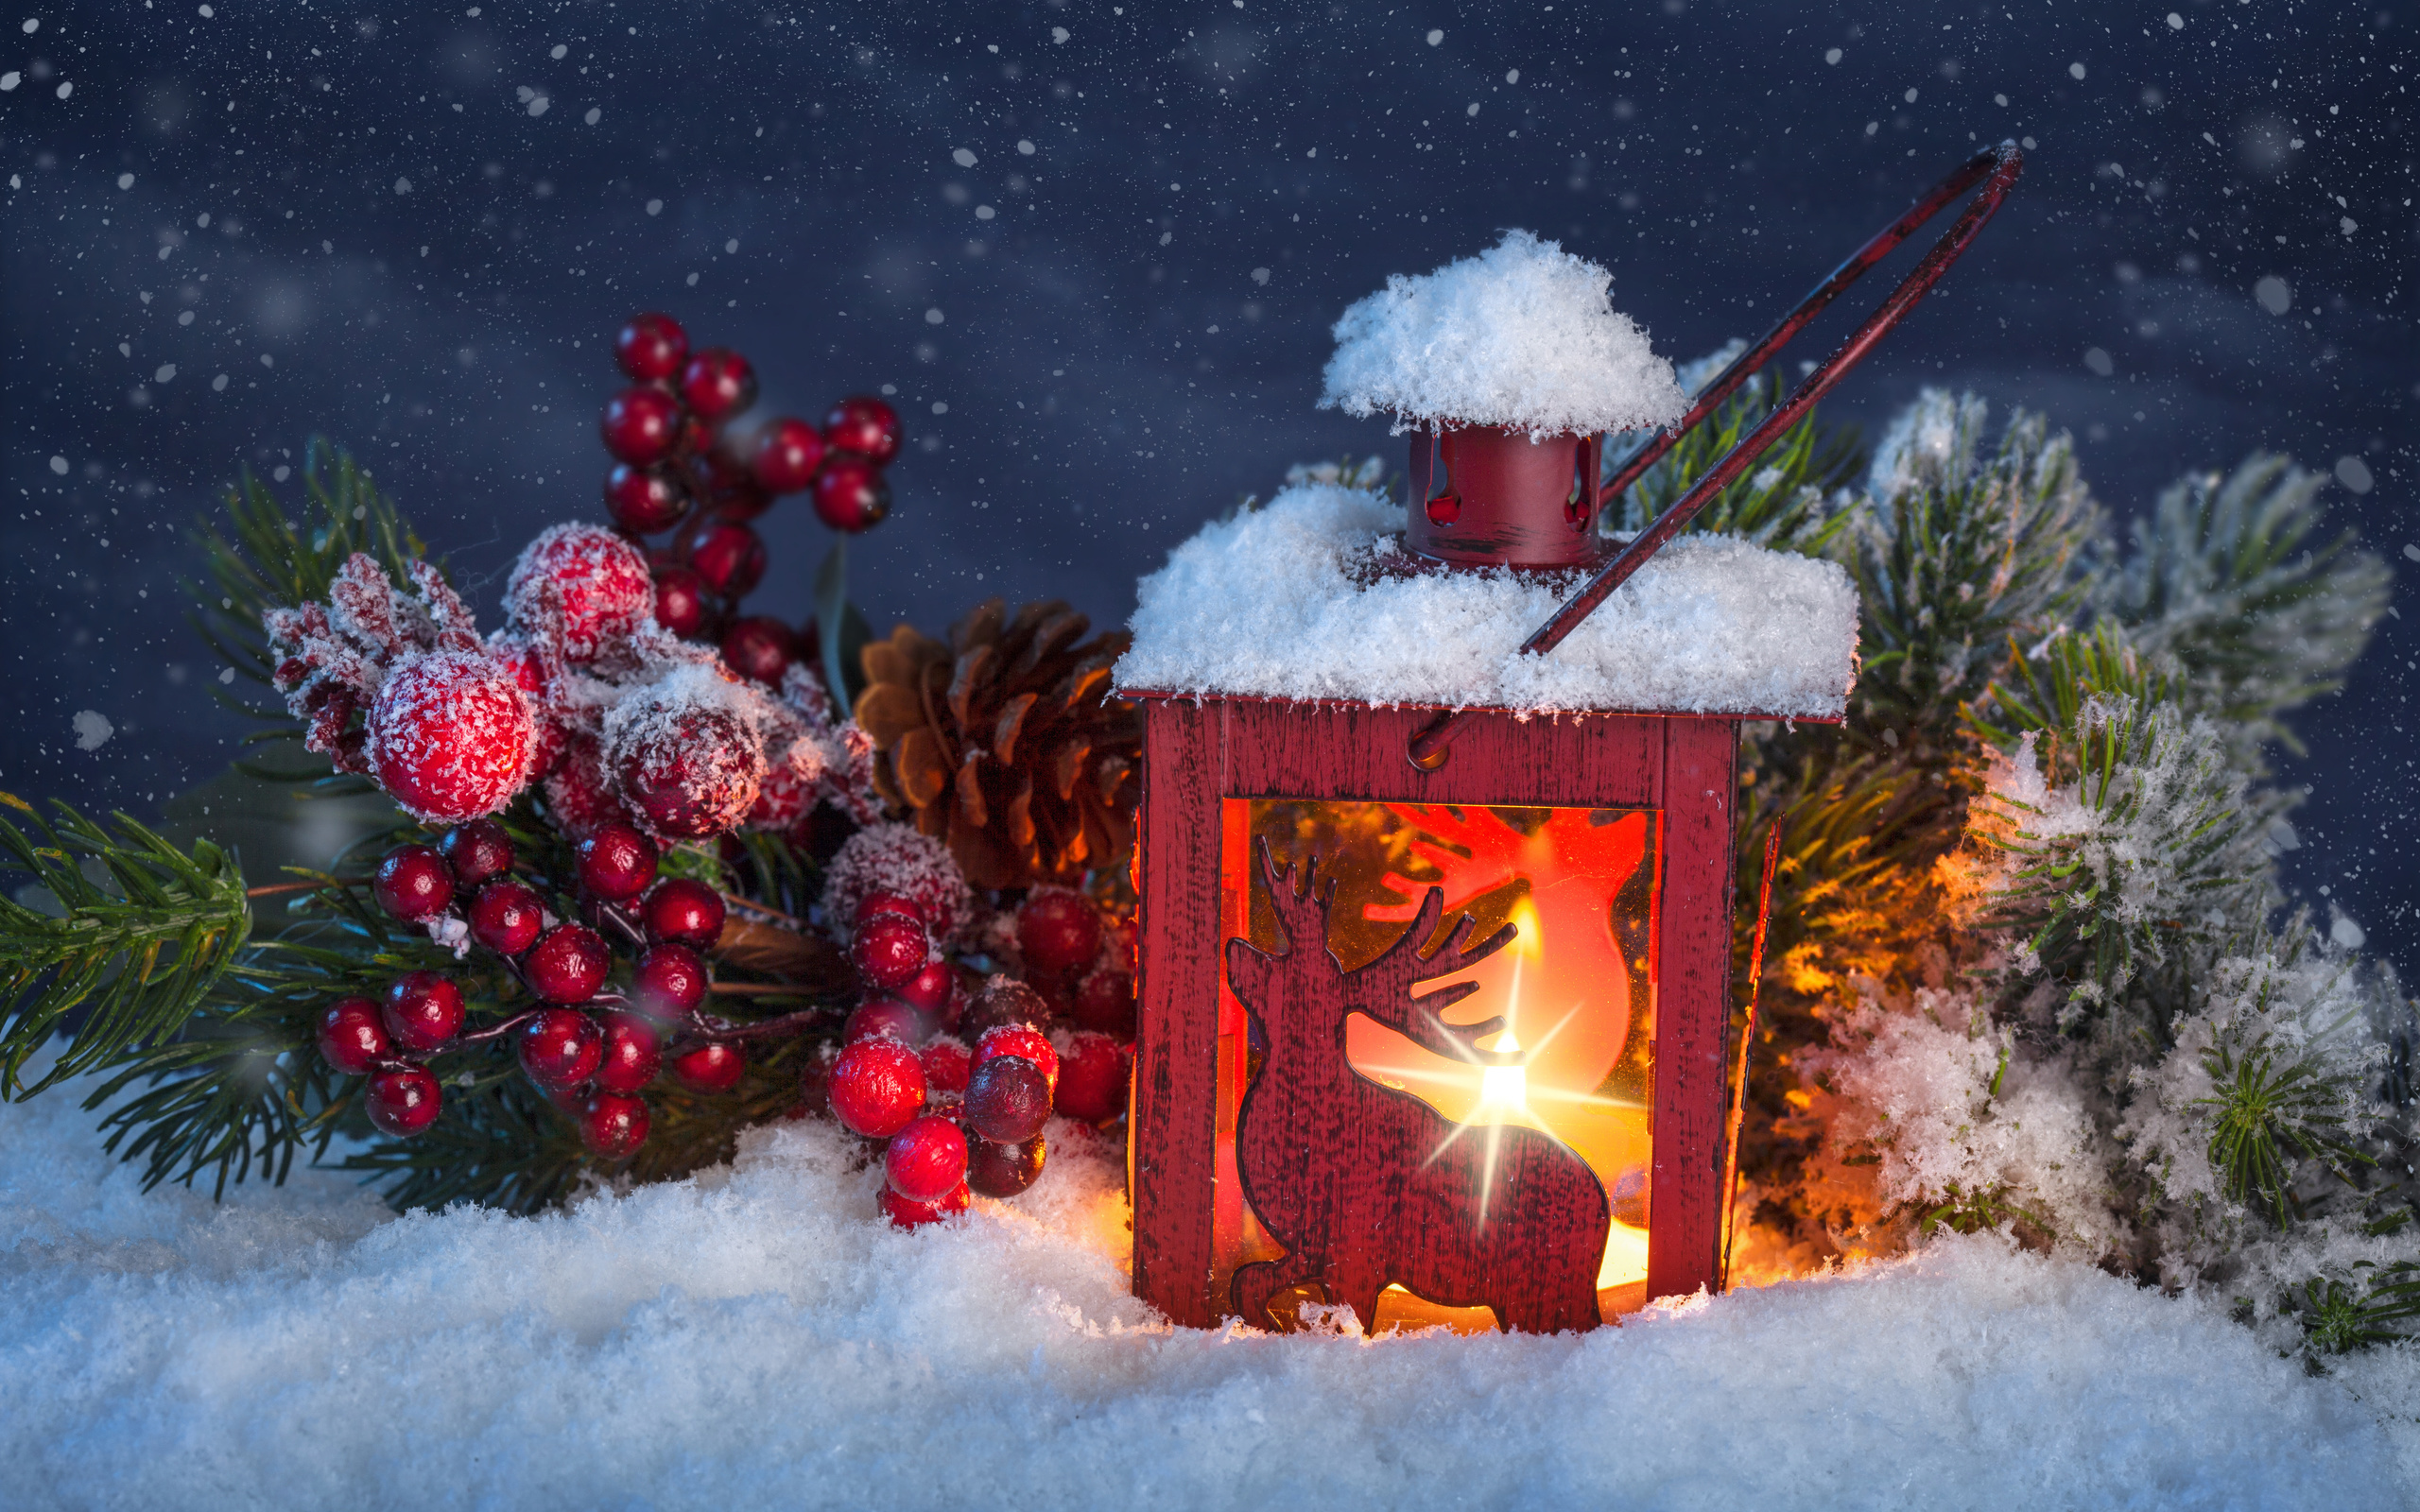 призрачной фигуры зимние картинки про новый год японские суши